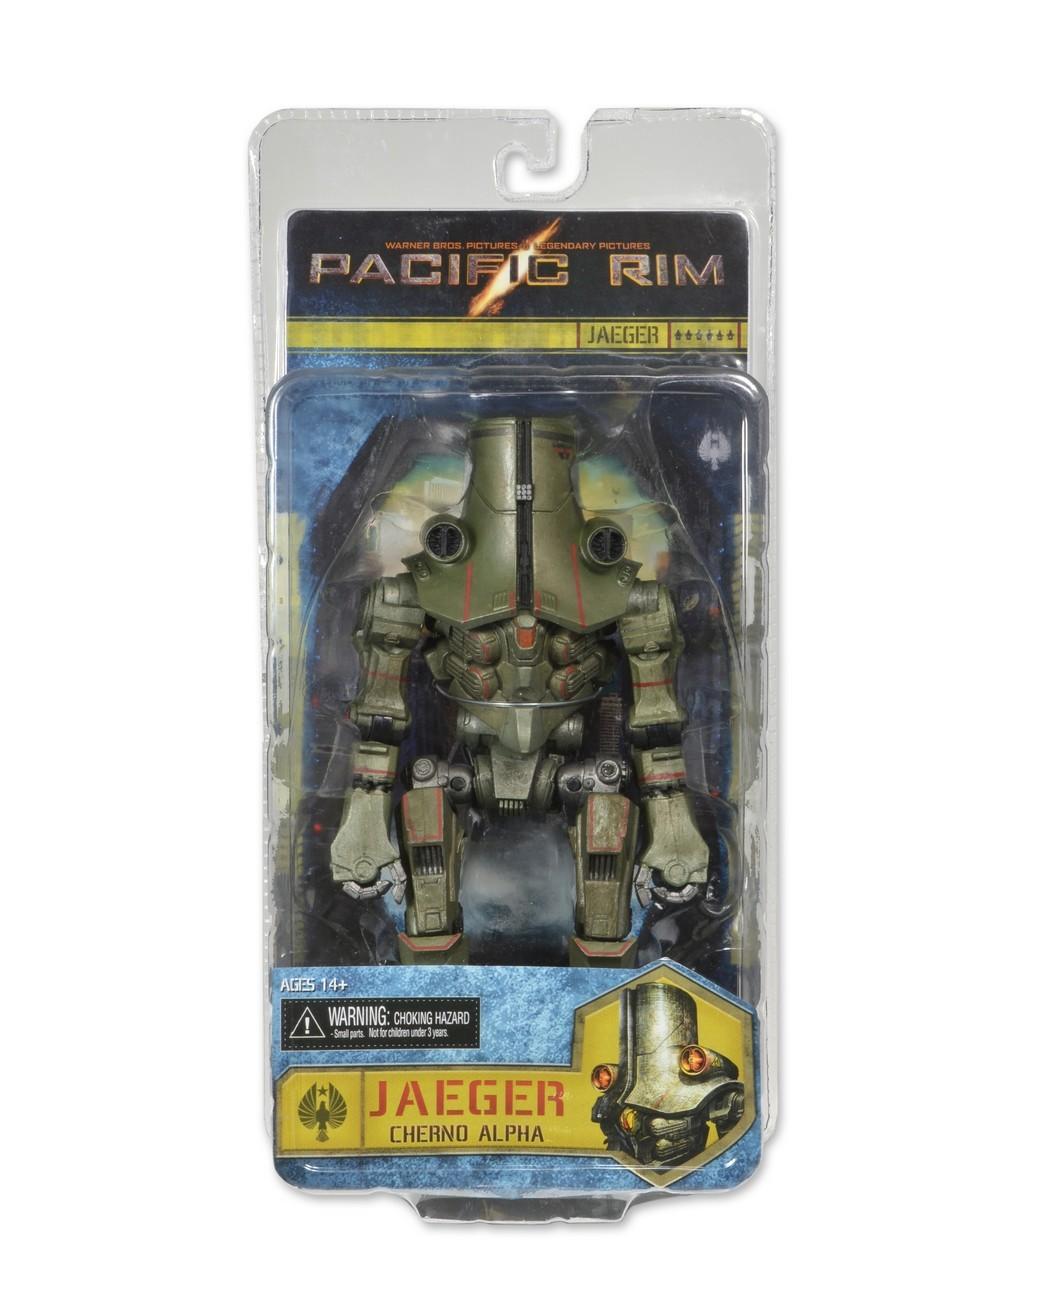 NECA Pacific Rim � Series 3 Russian Jaeger Cherno Alpha